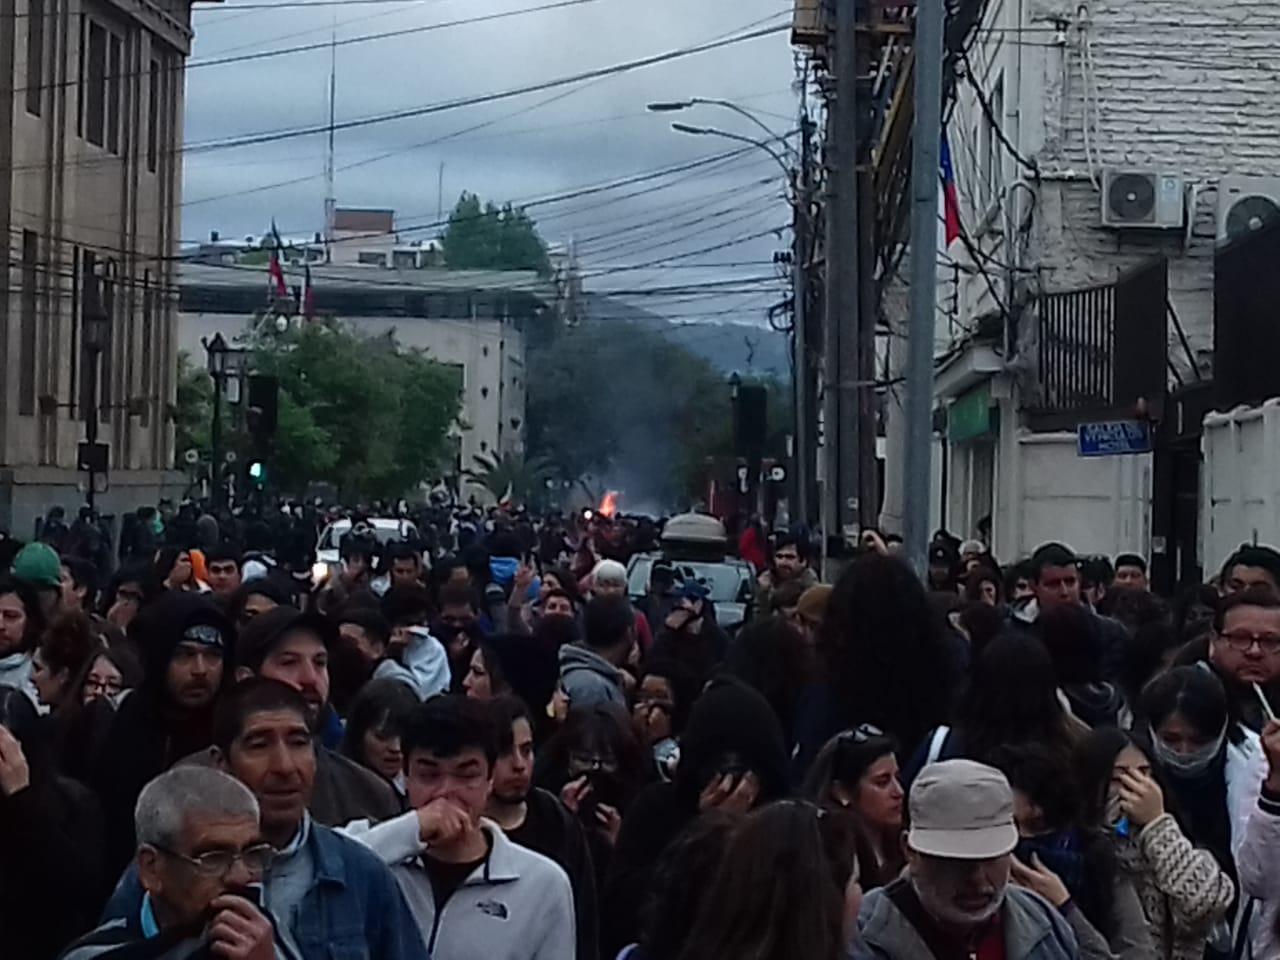 Protesta nacional en El Maule: Un muerto en Curicó y disparos al cuerpo en Talca